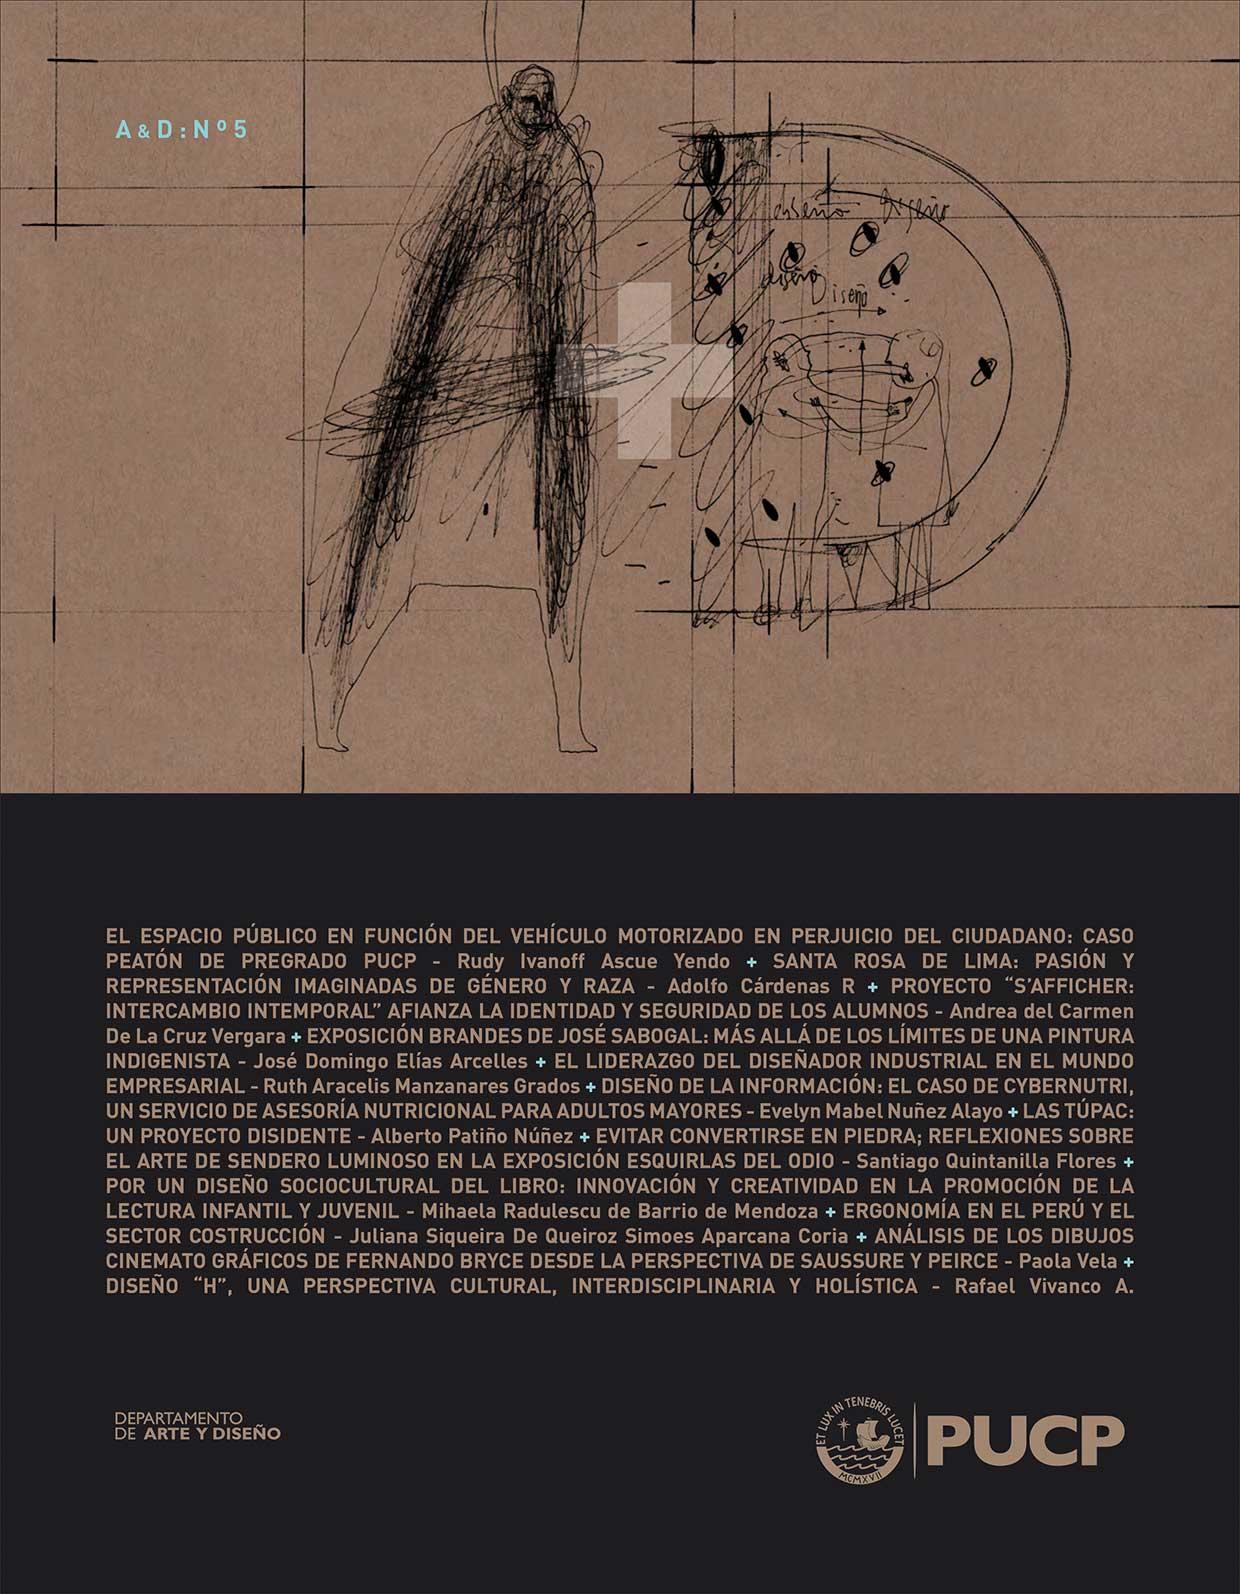 Carátula de la Revista Arte y Diseño: A&D